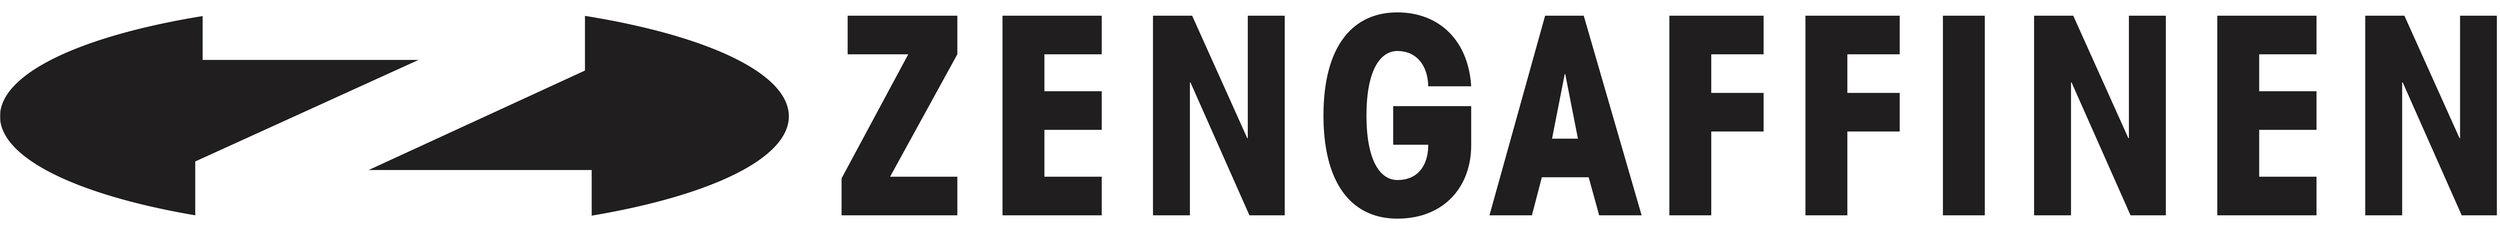 logo zengaffinen-black.jpg